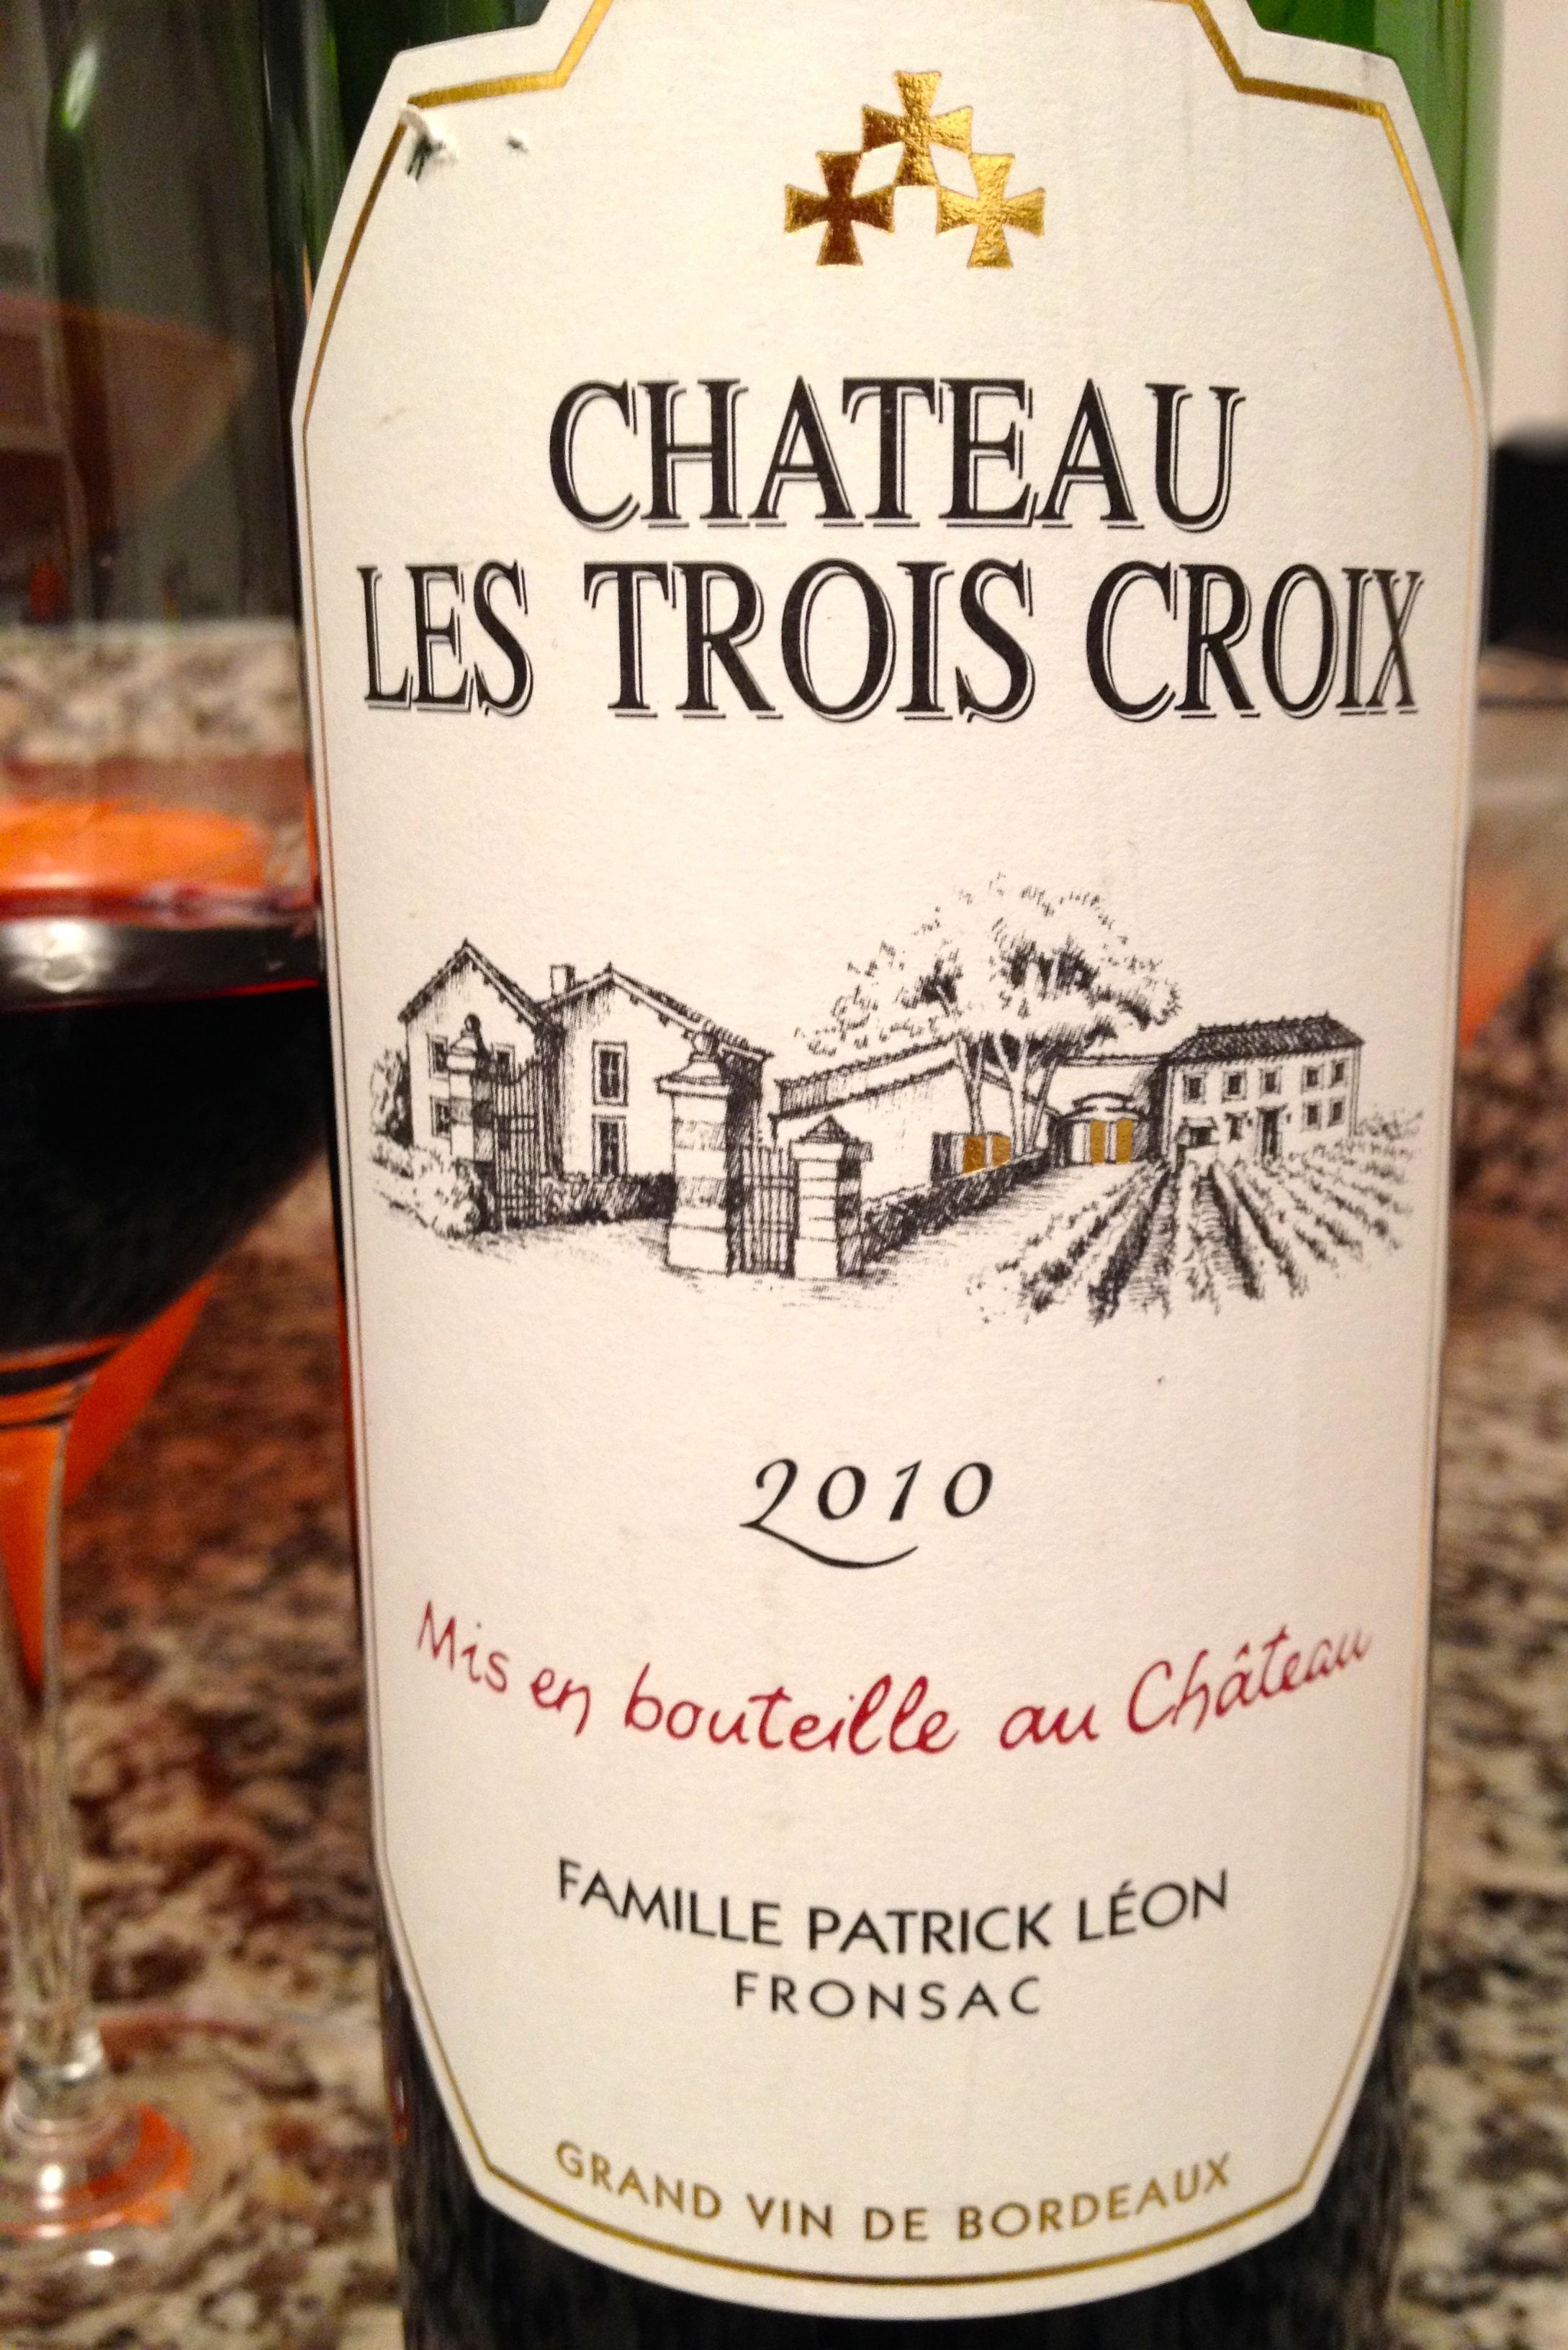 Chateau Les Trois Croix, Fronsac, Grand Vin de Bordeaux 3